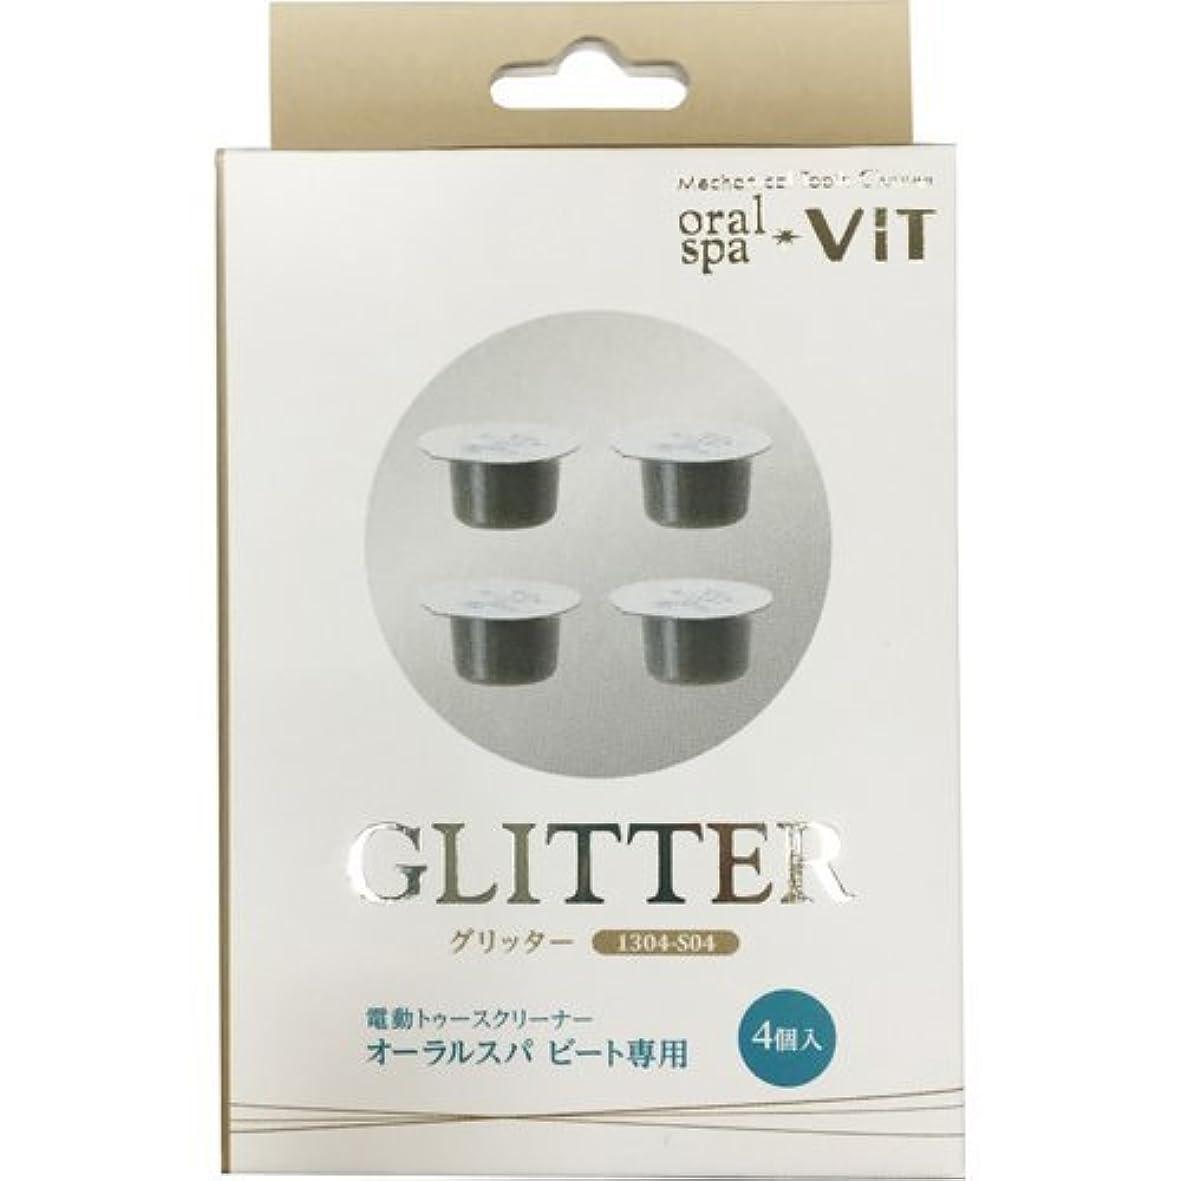 寸法良さ可決電動トゥースクリーナー oral spa VIT(オーラルスパビート)専用グリッター スペアミント 4個入